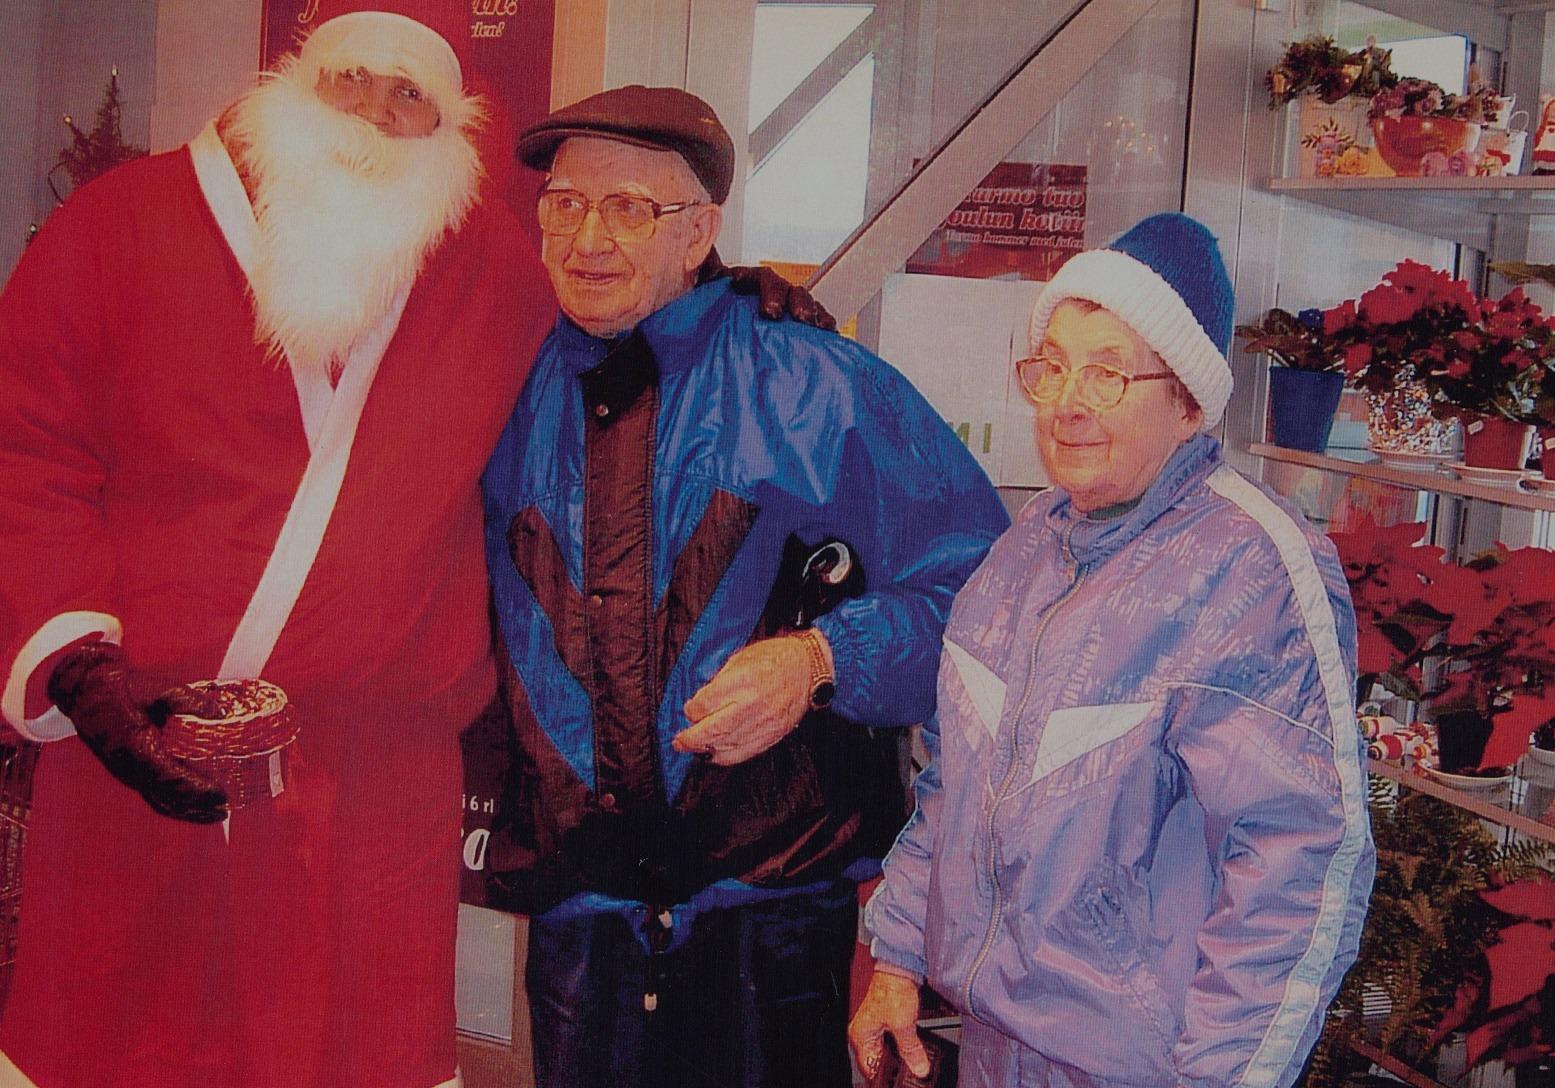 Jultomten hälsar på Ragnar och Jenny i Kerstins Dagsmark Närköp julen 2004.